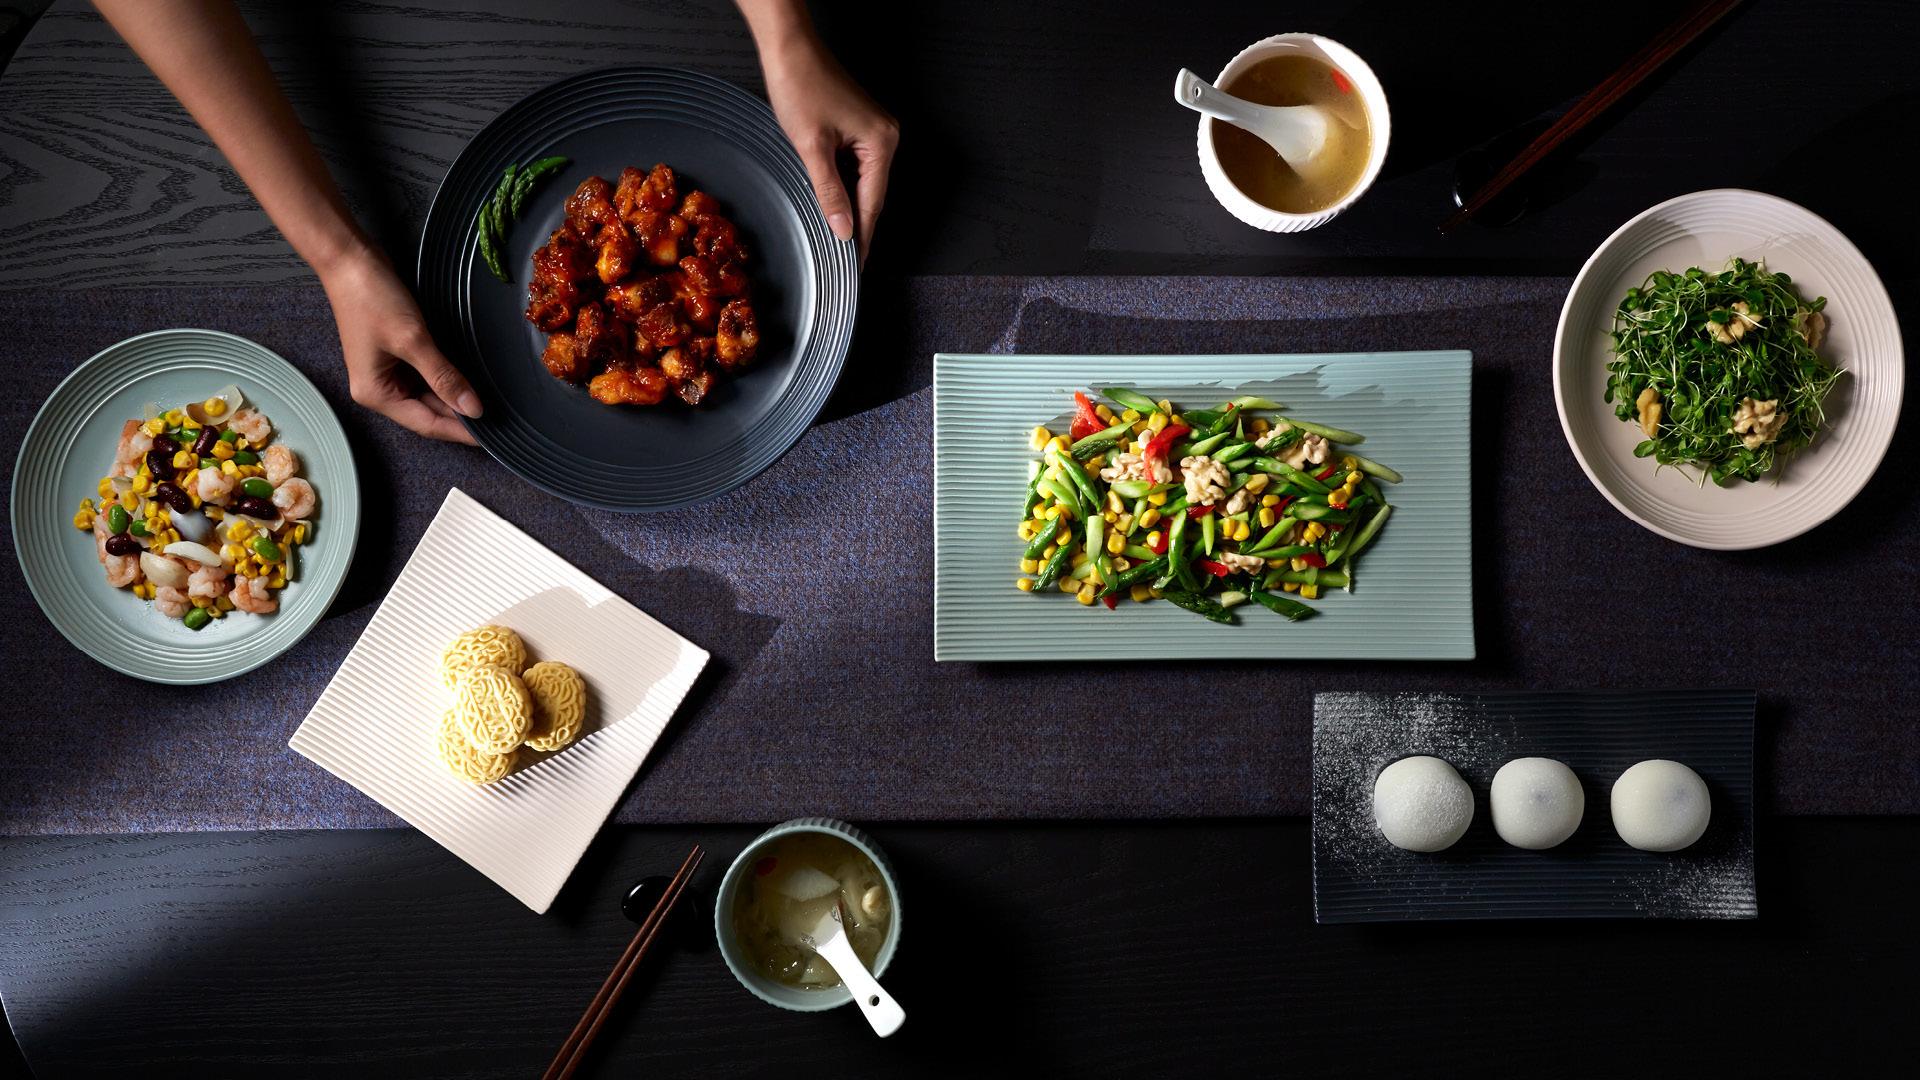 食色相生,重拾东方餐食之美